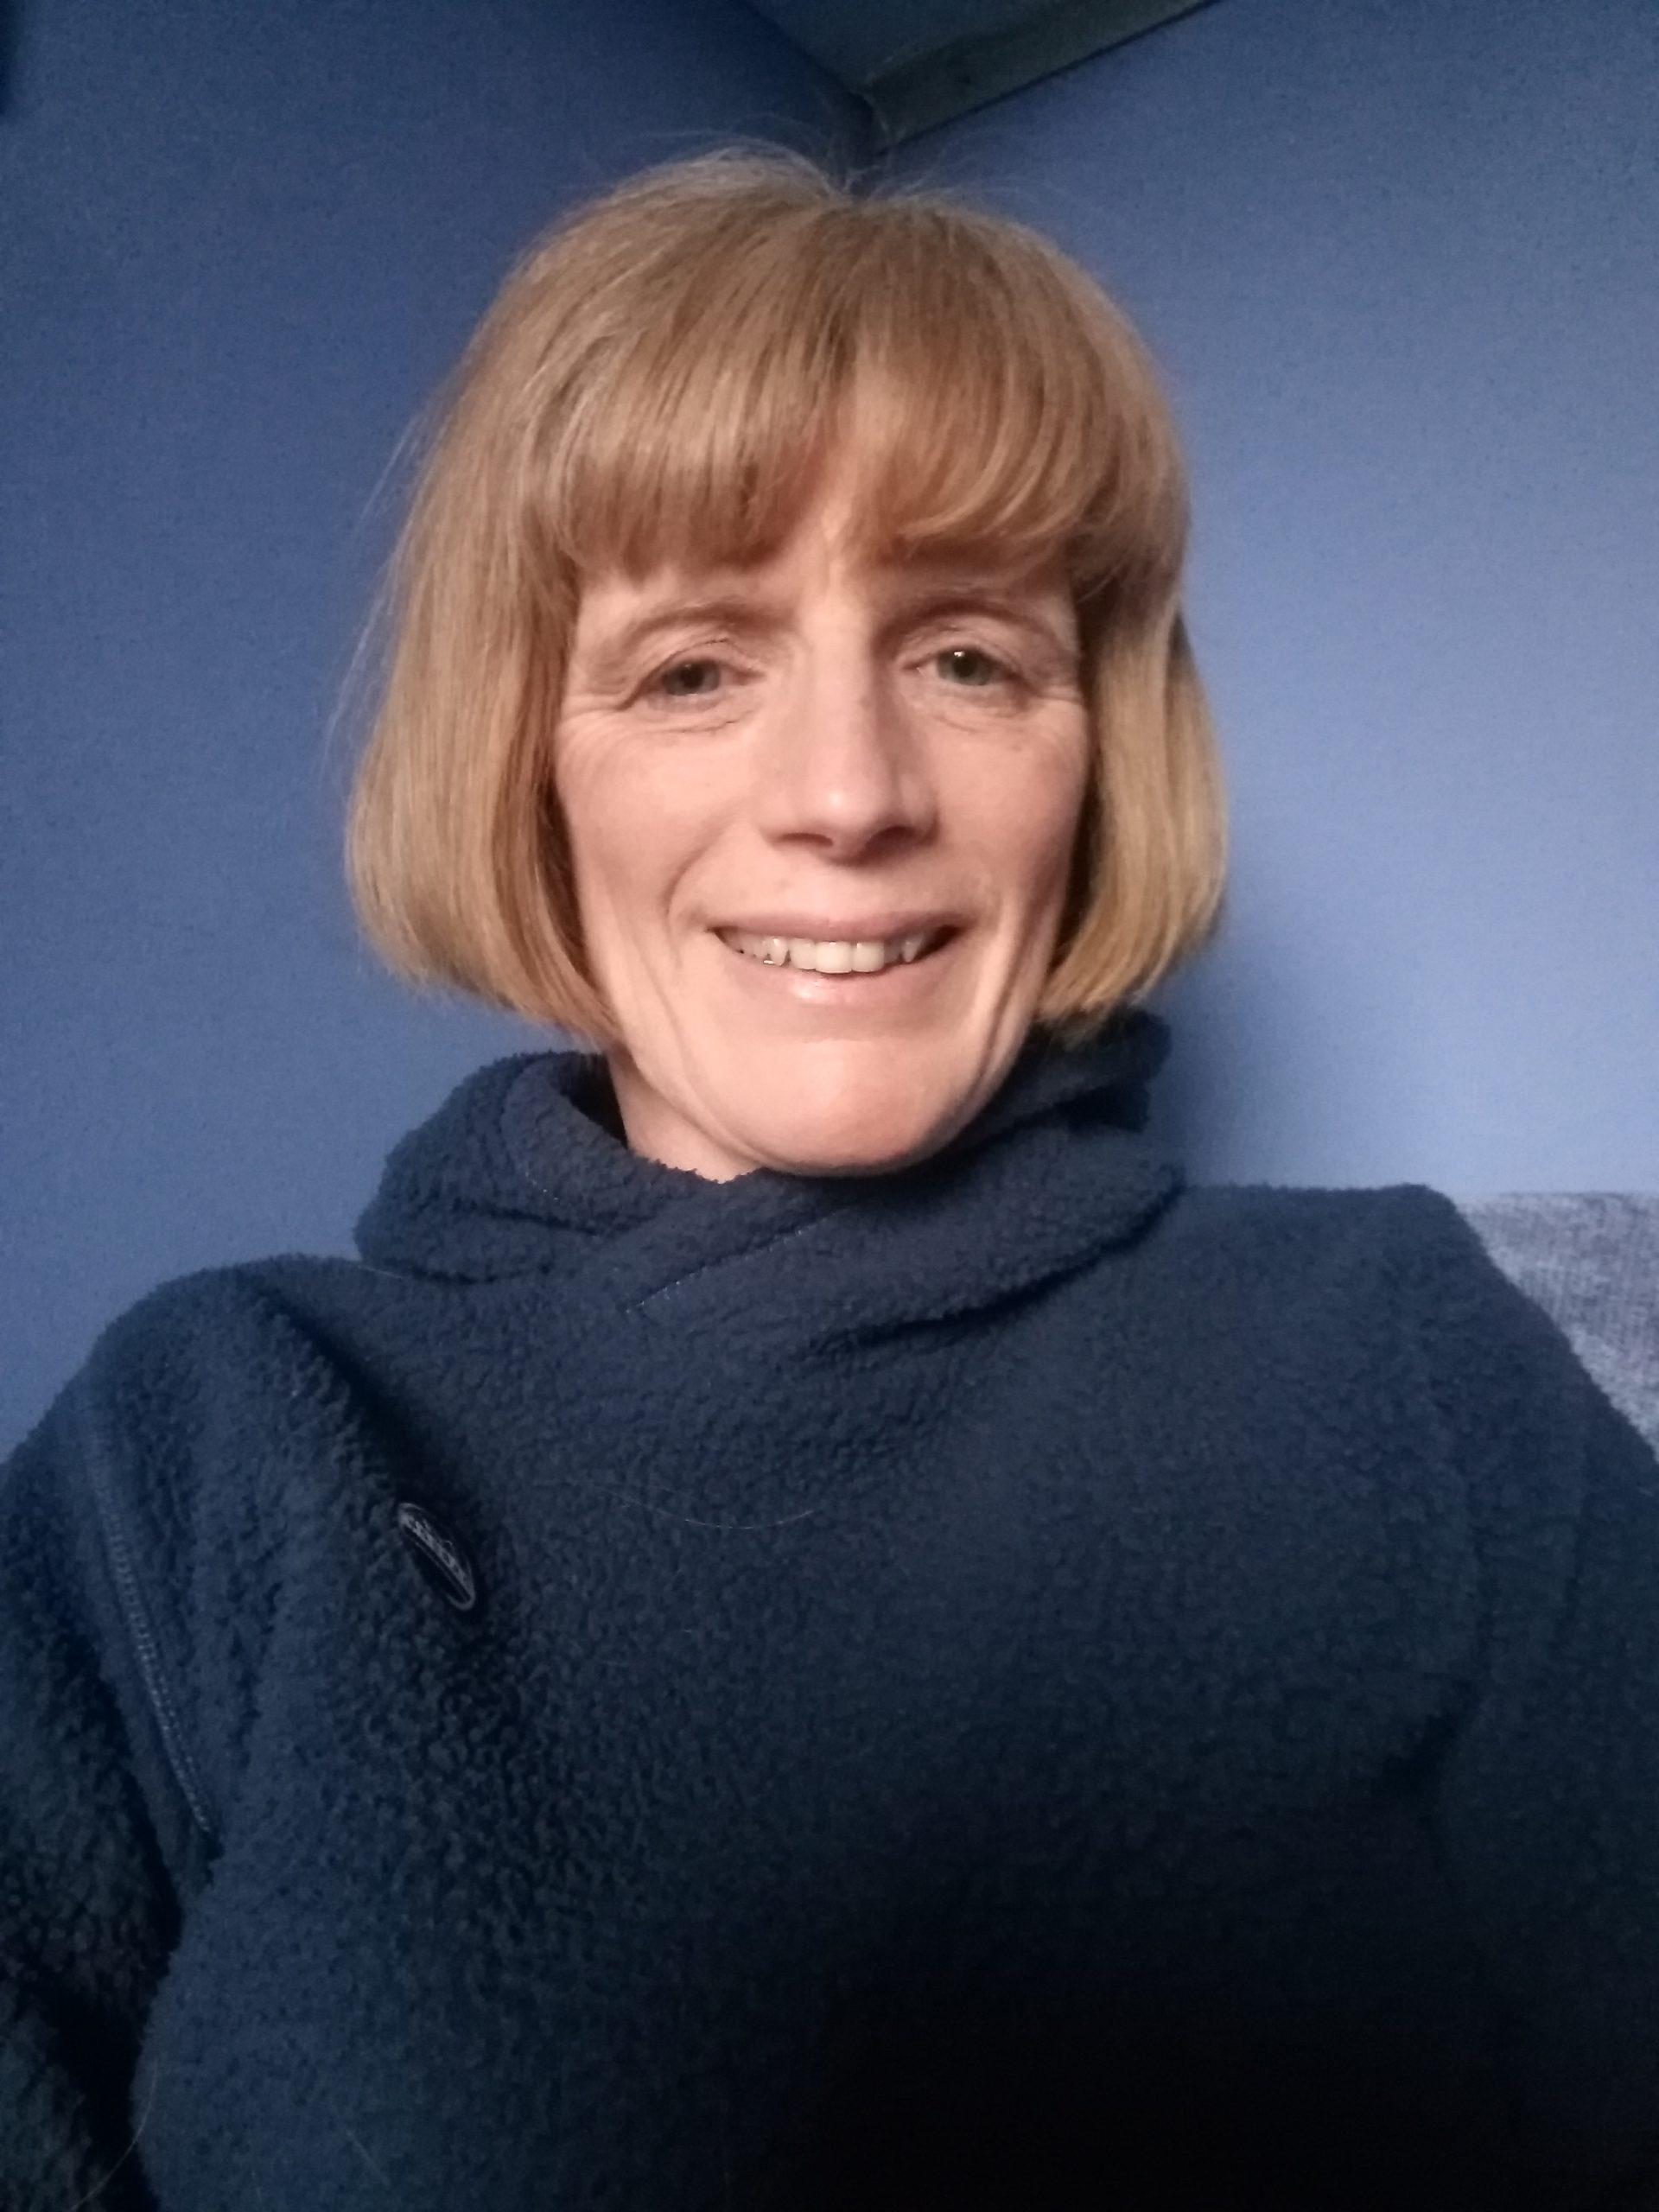 Image of Caroline Ratcliff